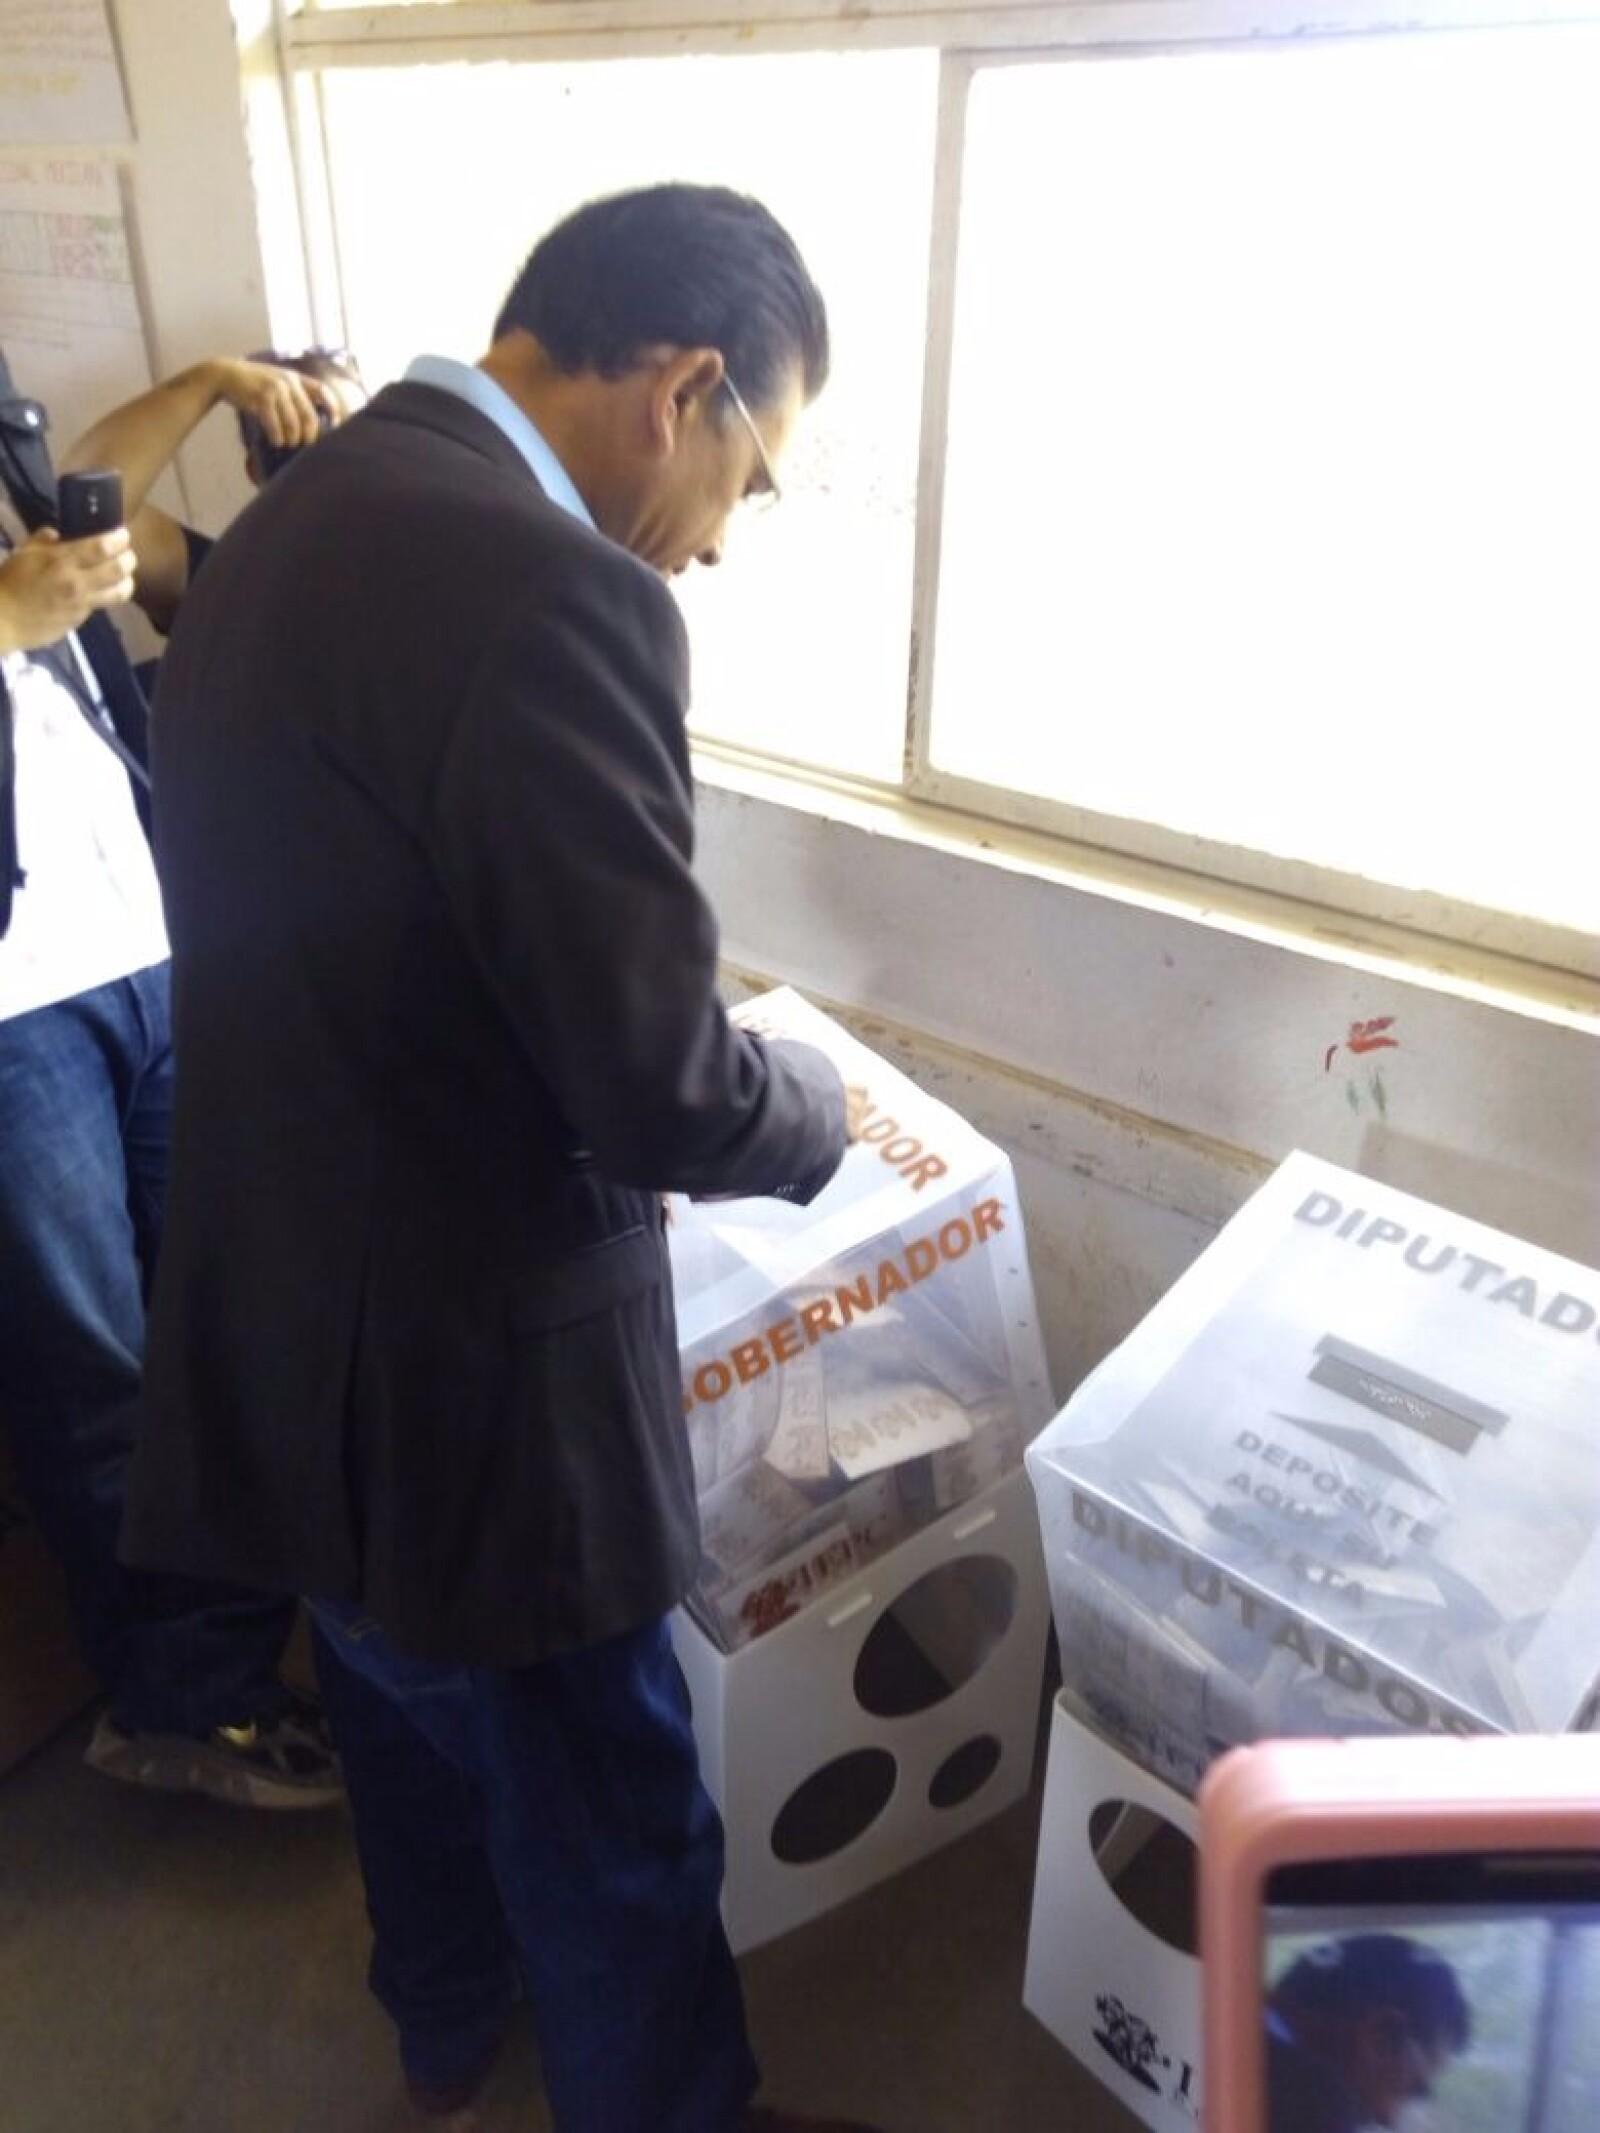 Alejandro Campa Avitia, candidato independiente a la gubernatura de Durango, inició el día emitiendo su voto y llamó a terminar con la corrupción